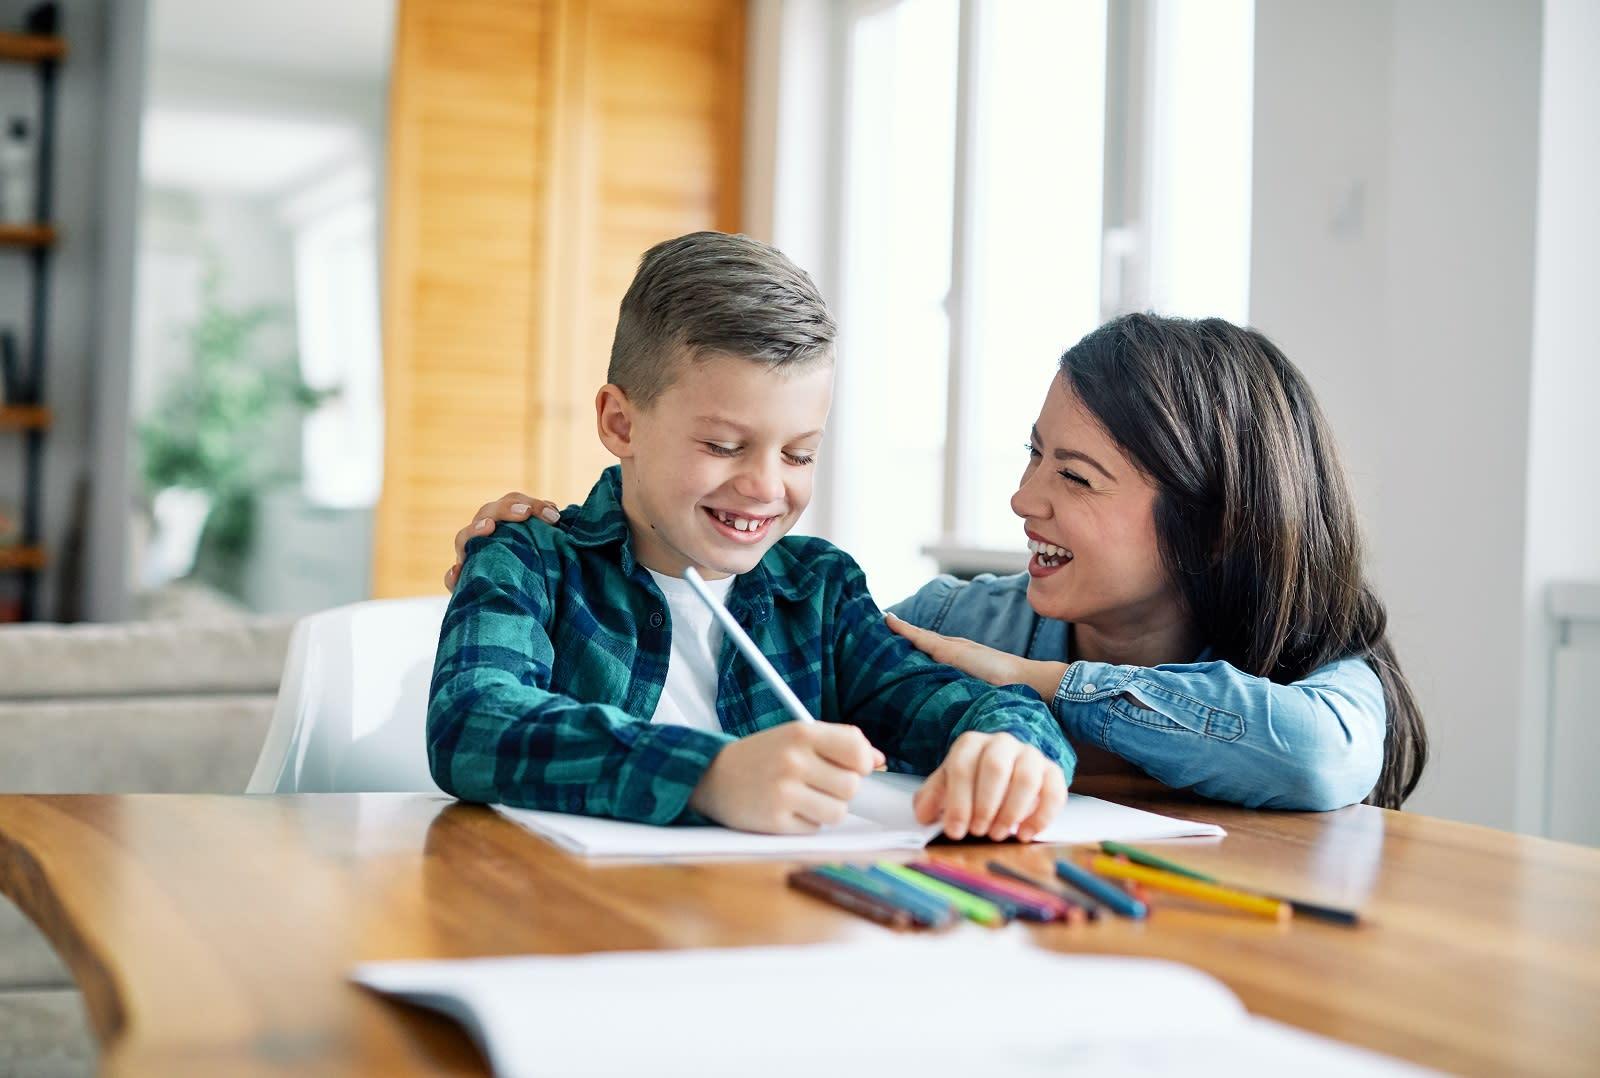 schulstart-zuhause-lernen-as-328355530.jpeg